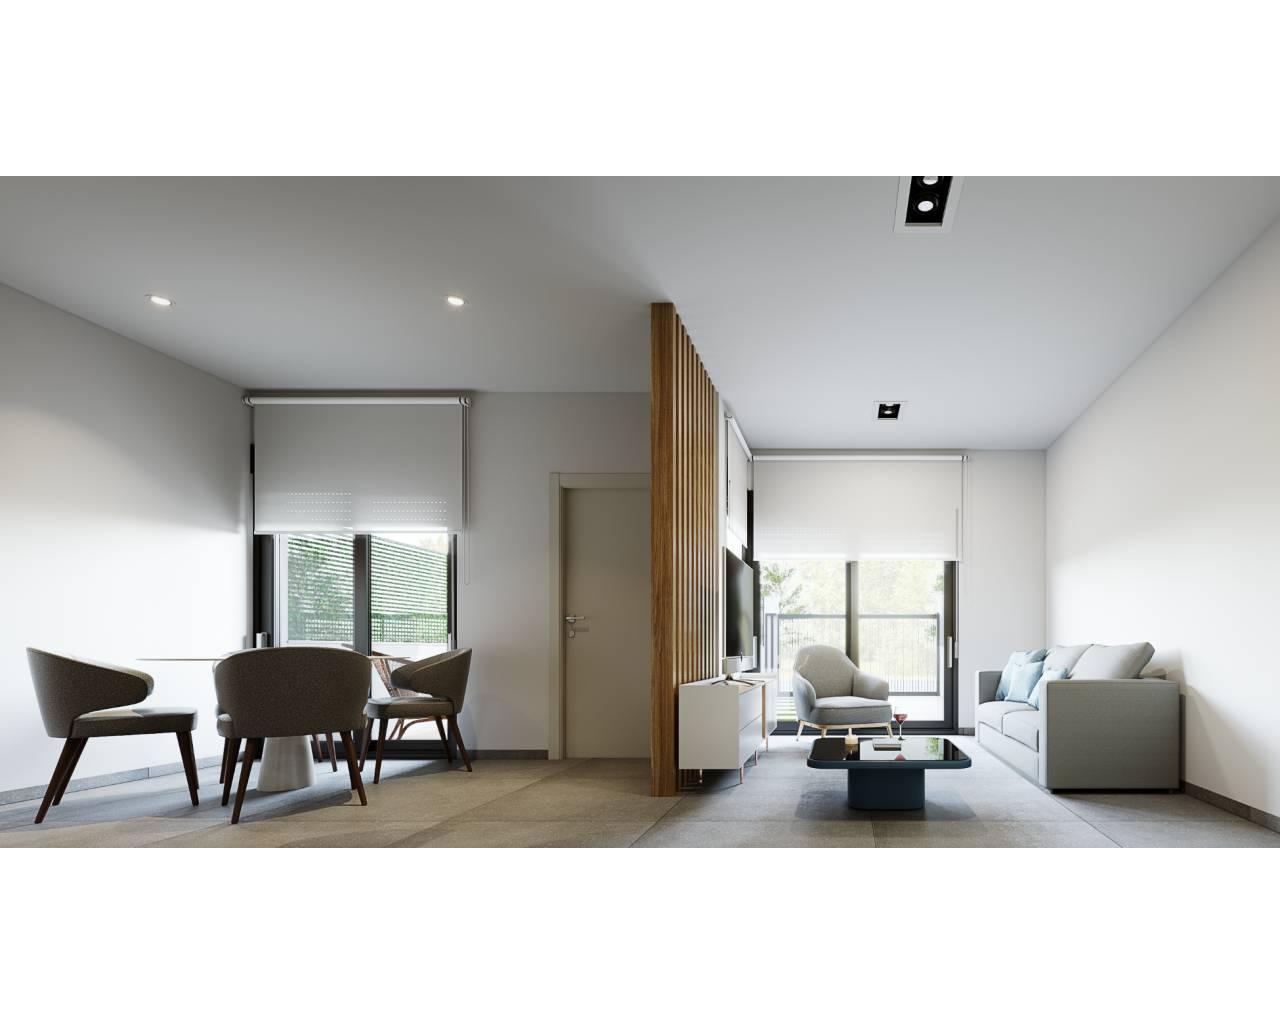 nieuwbouw-half-vrijstaande-villa-los-alcazares-roda-golf_4589_xl